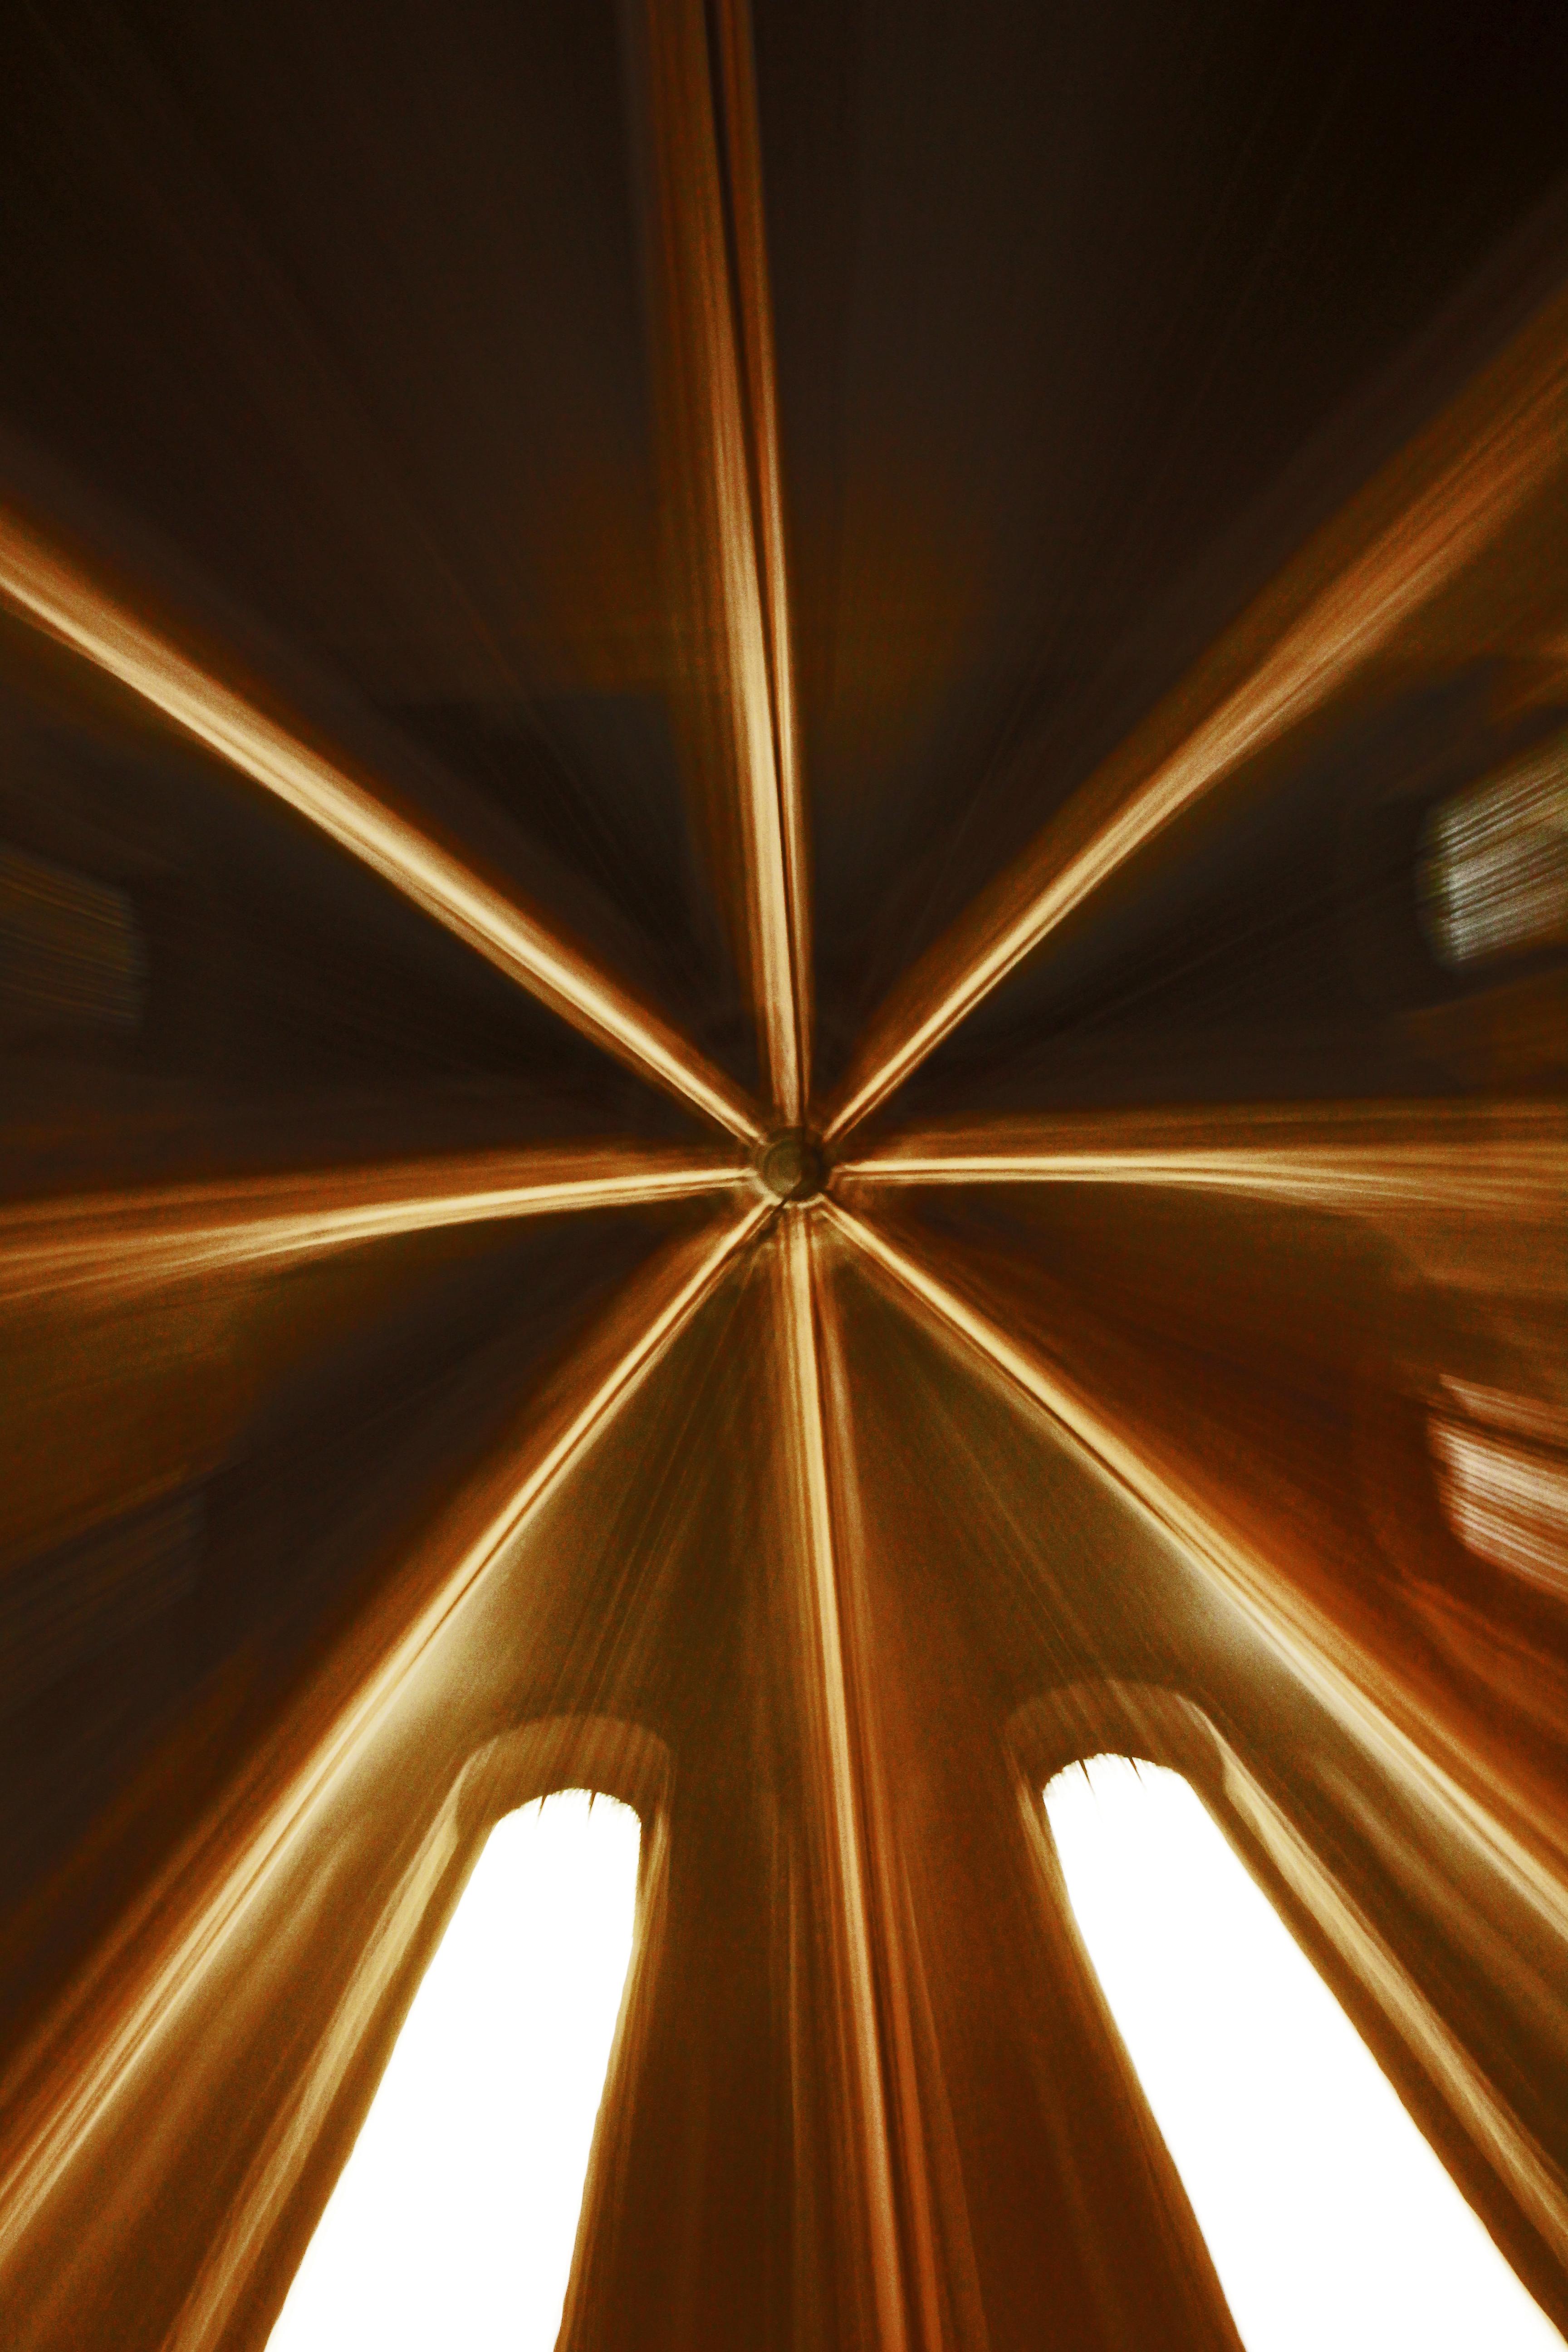 Cathedrale de Lausanne, good photo